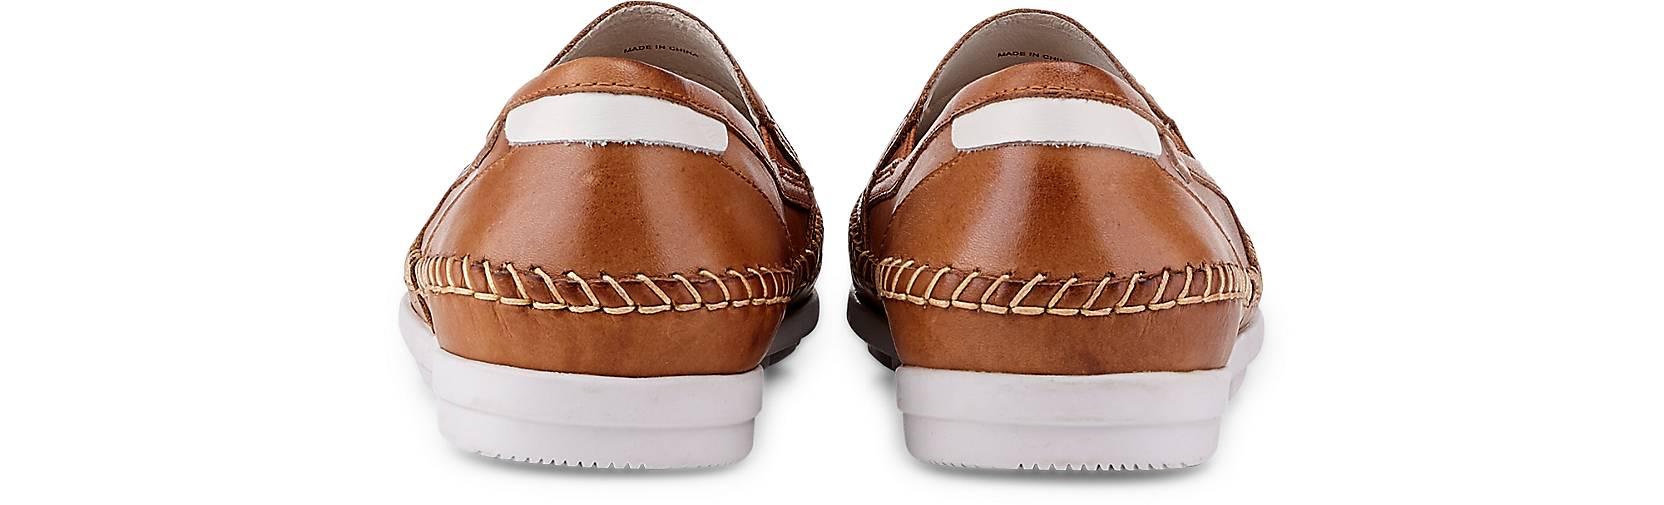 Pikolinos kaufen Slipper ALTET in braun-mittel kaufen Pikolinos - 47421001 | GÖRTZ Gute Qualität beliebte Schuhe c1b0d2